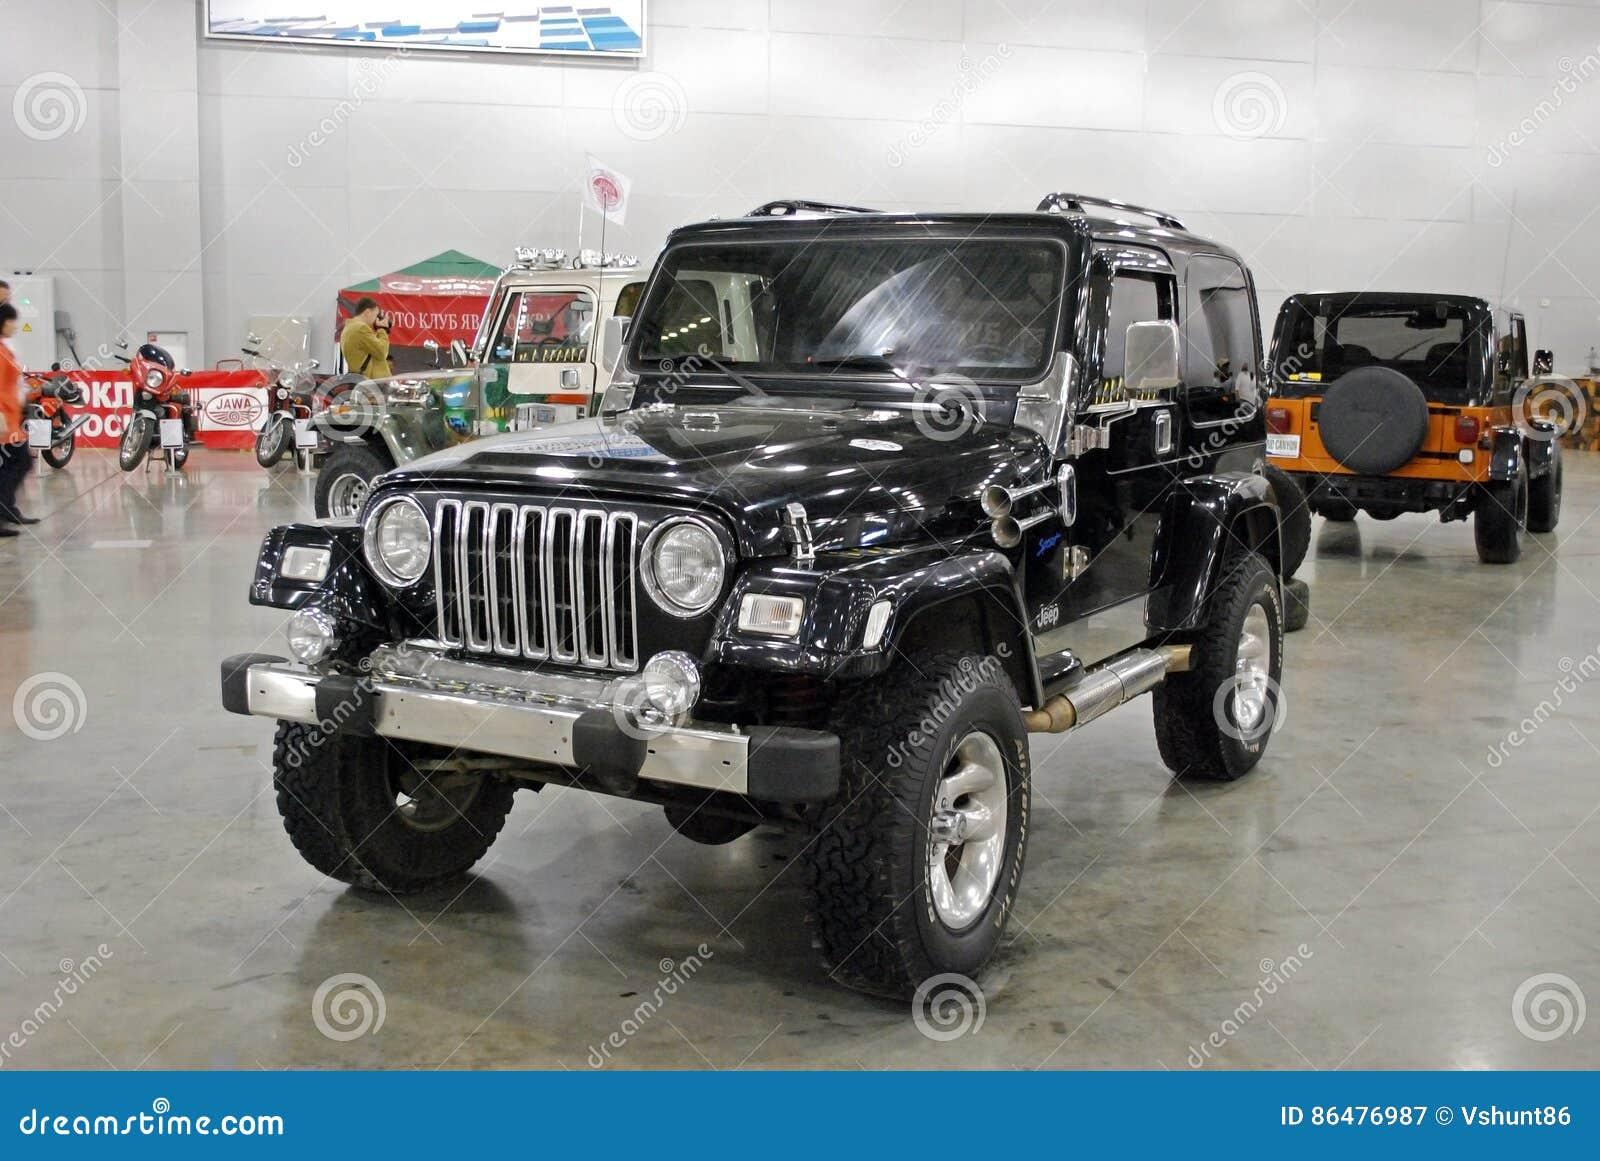 Клуб jeep в москве ночные клубы в старой руссе